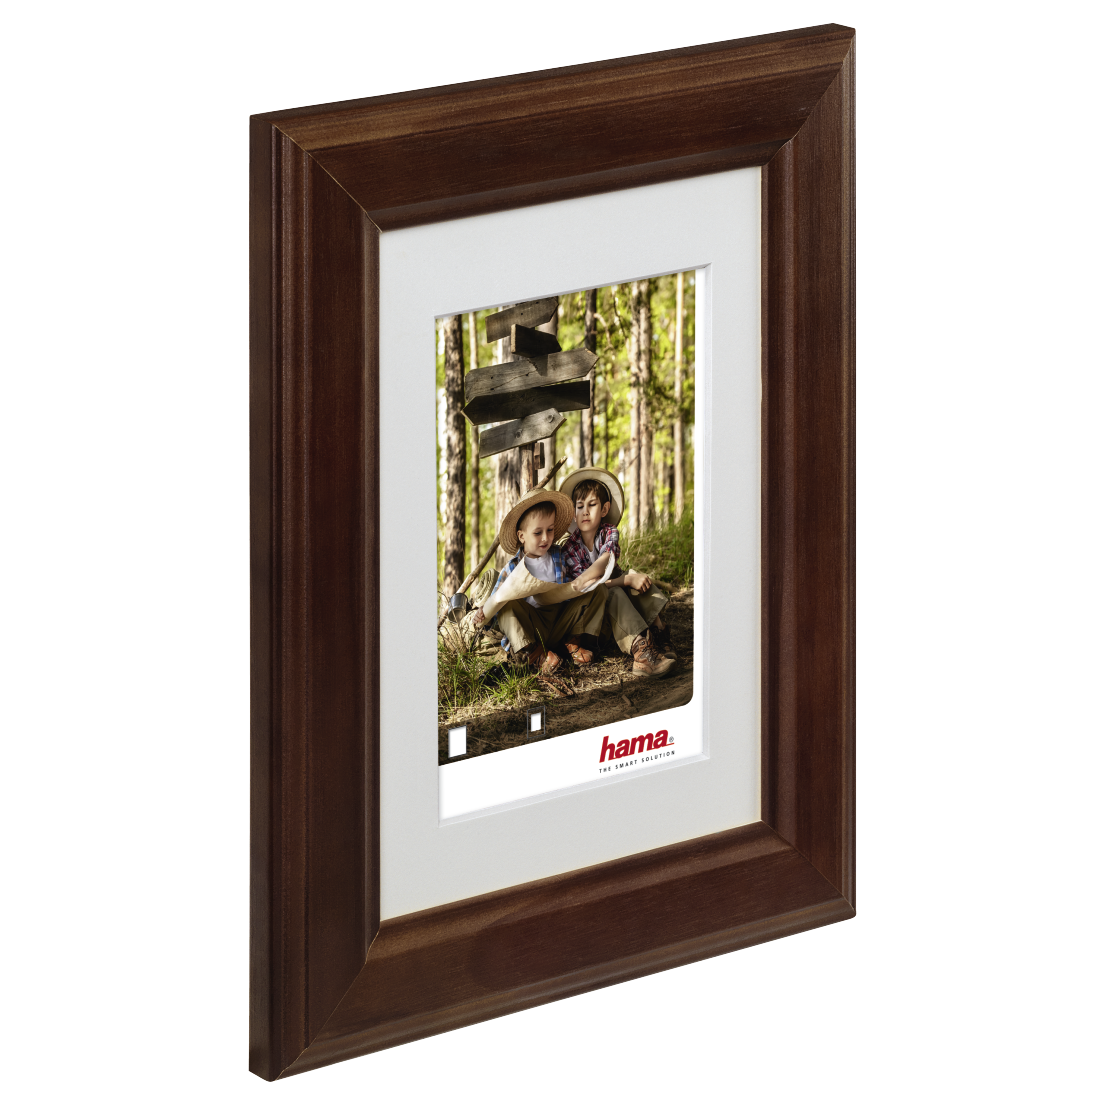 00126274 hama cadre photo en bois iowa noisette 20 x 30 cm. Black Bedroom Furniture Sets. Home Design Ideas